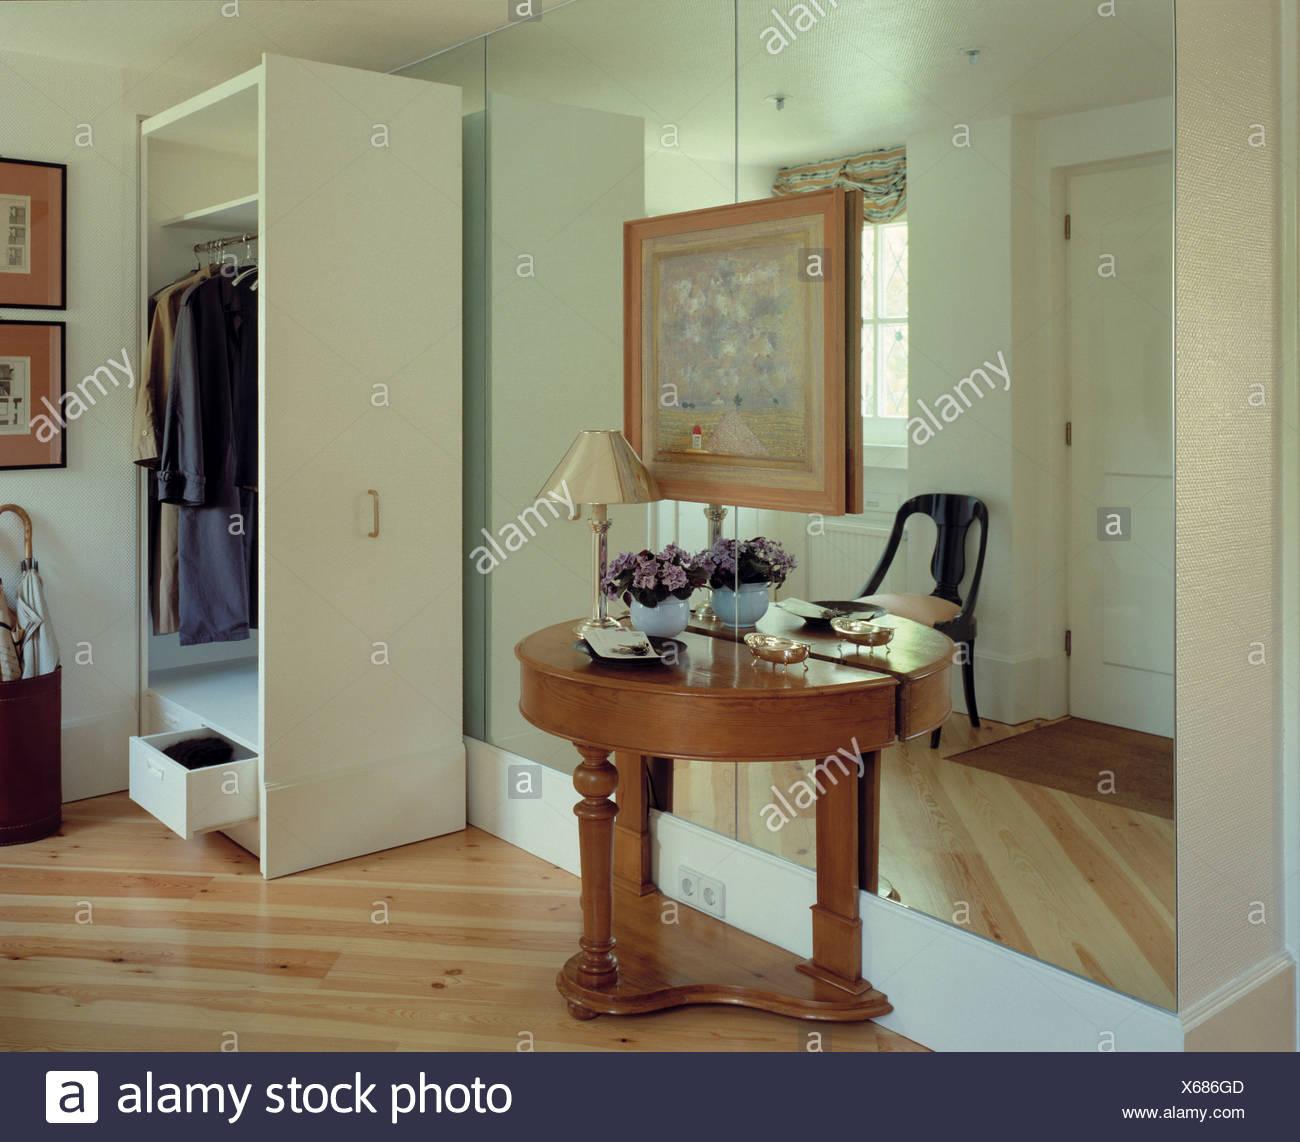 flur-konsole und spiegelwand stockfoto, bild: 279234605 - alamy